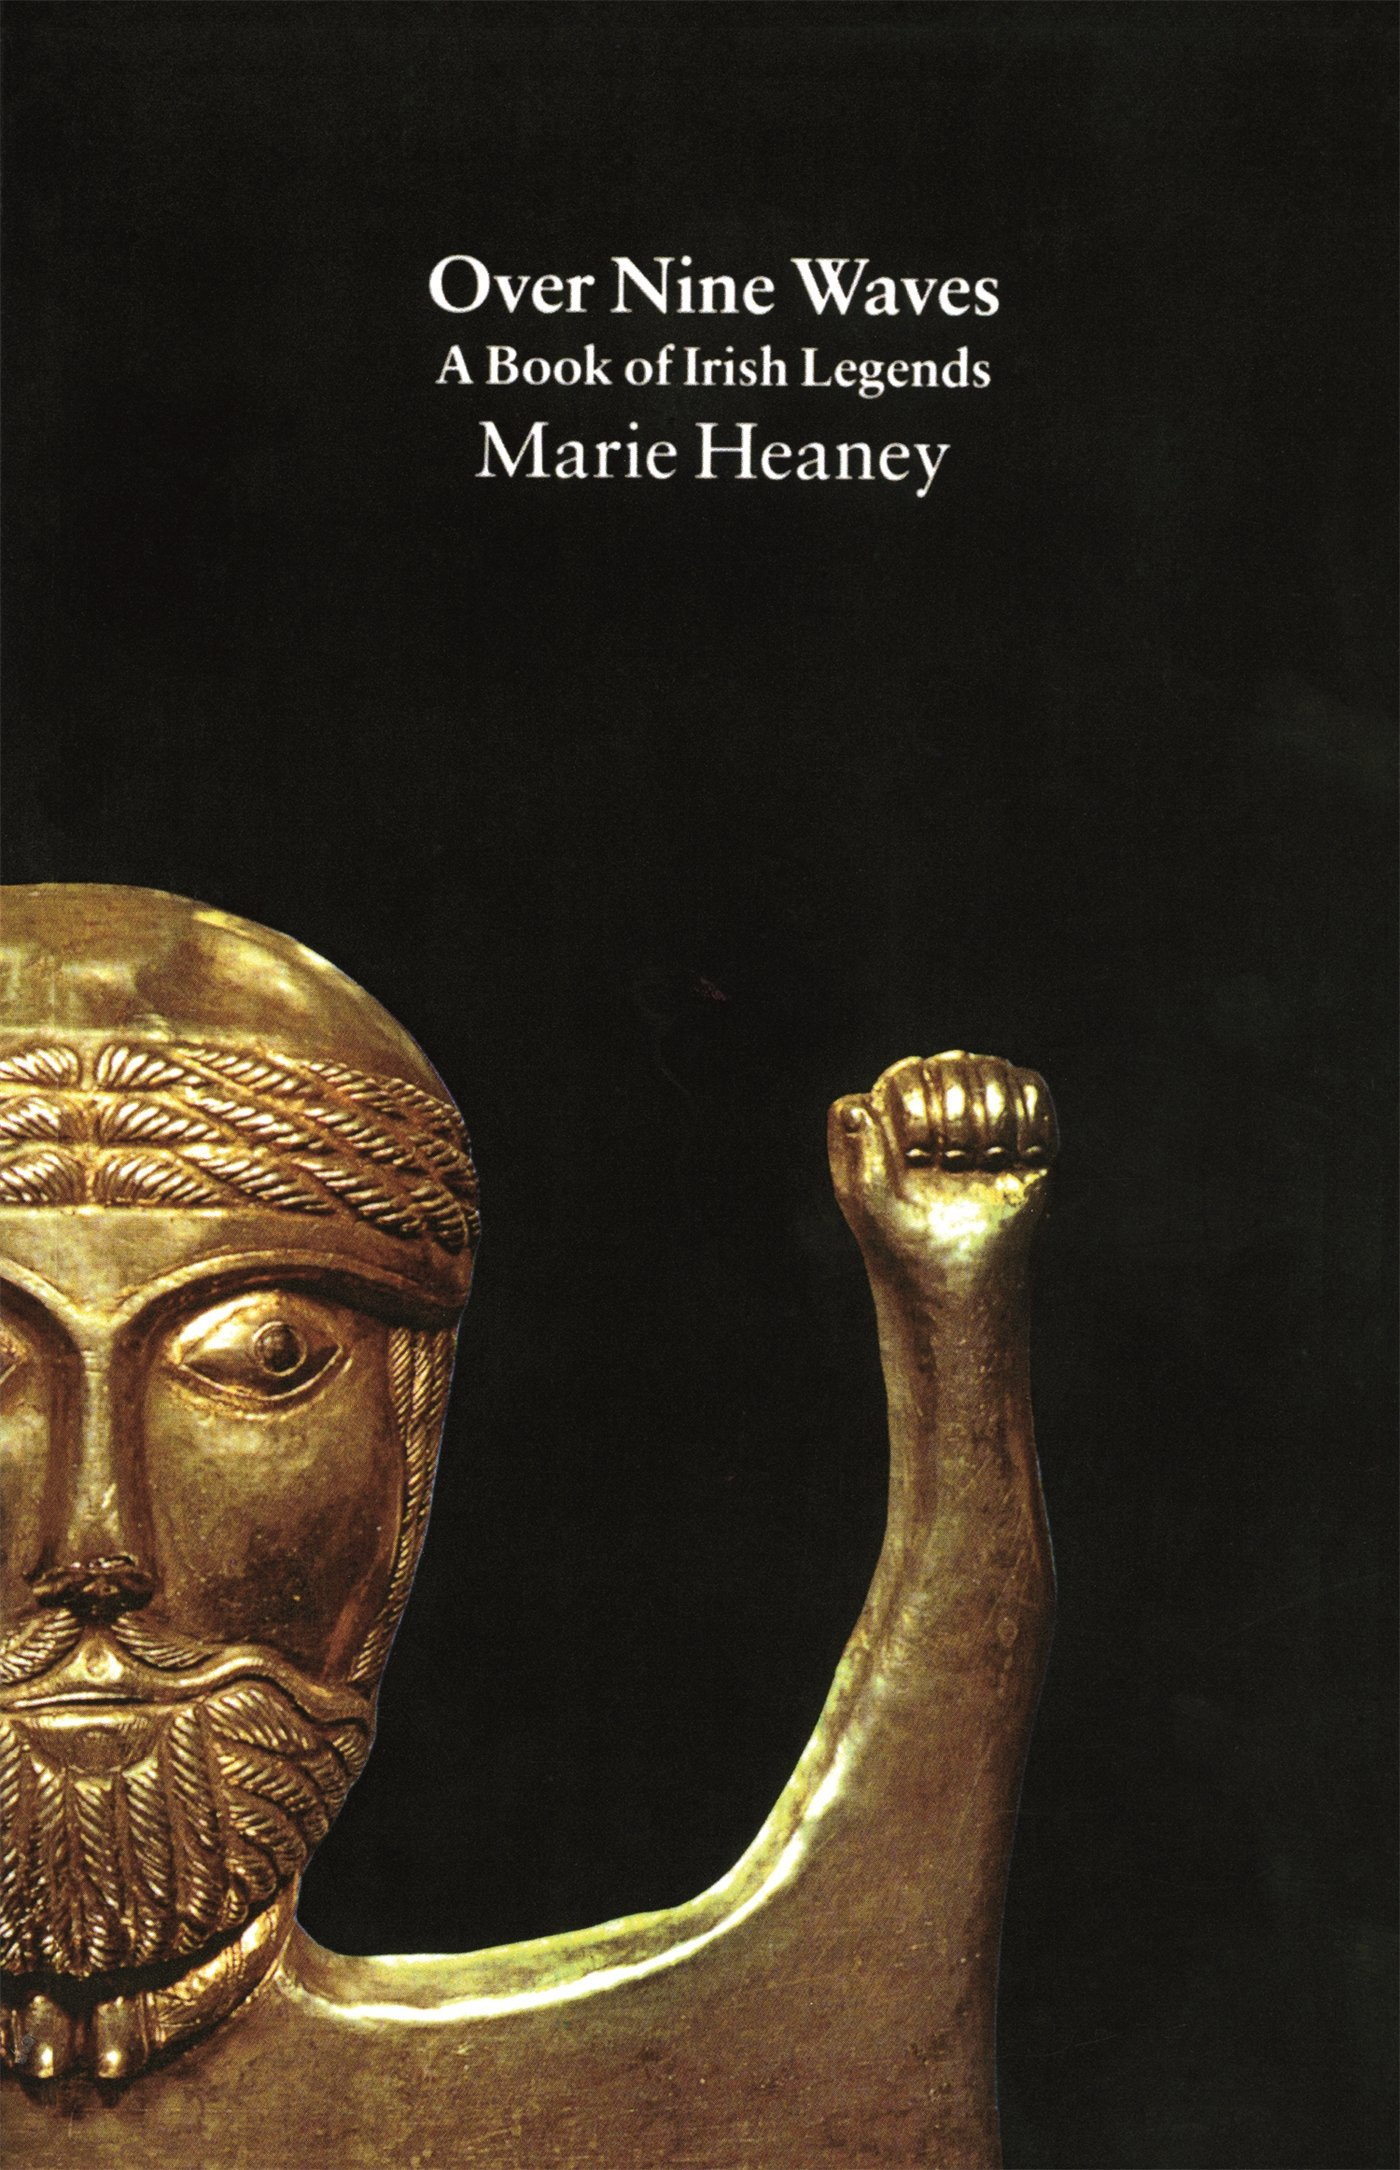 Over Nine Waves: Book of Irish Legends: Amazon.es: Marie Heaney: Libros en idiomas extranjeros